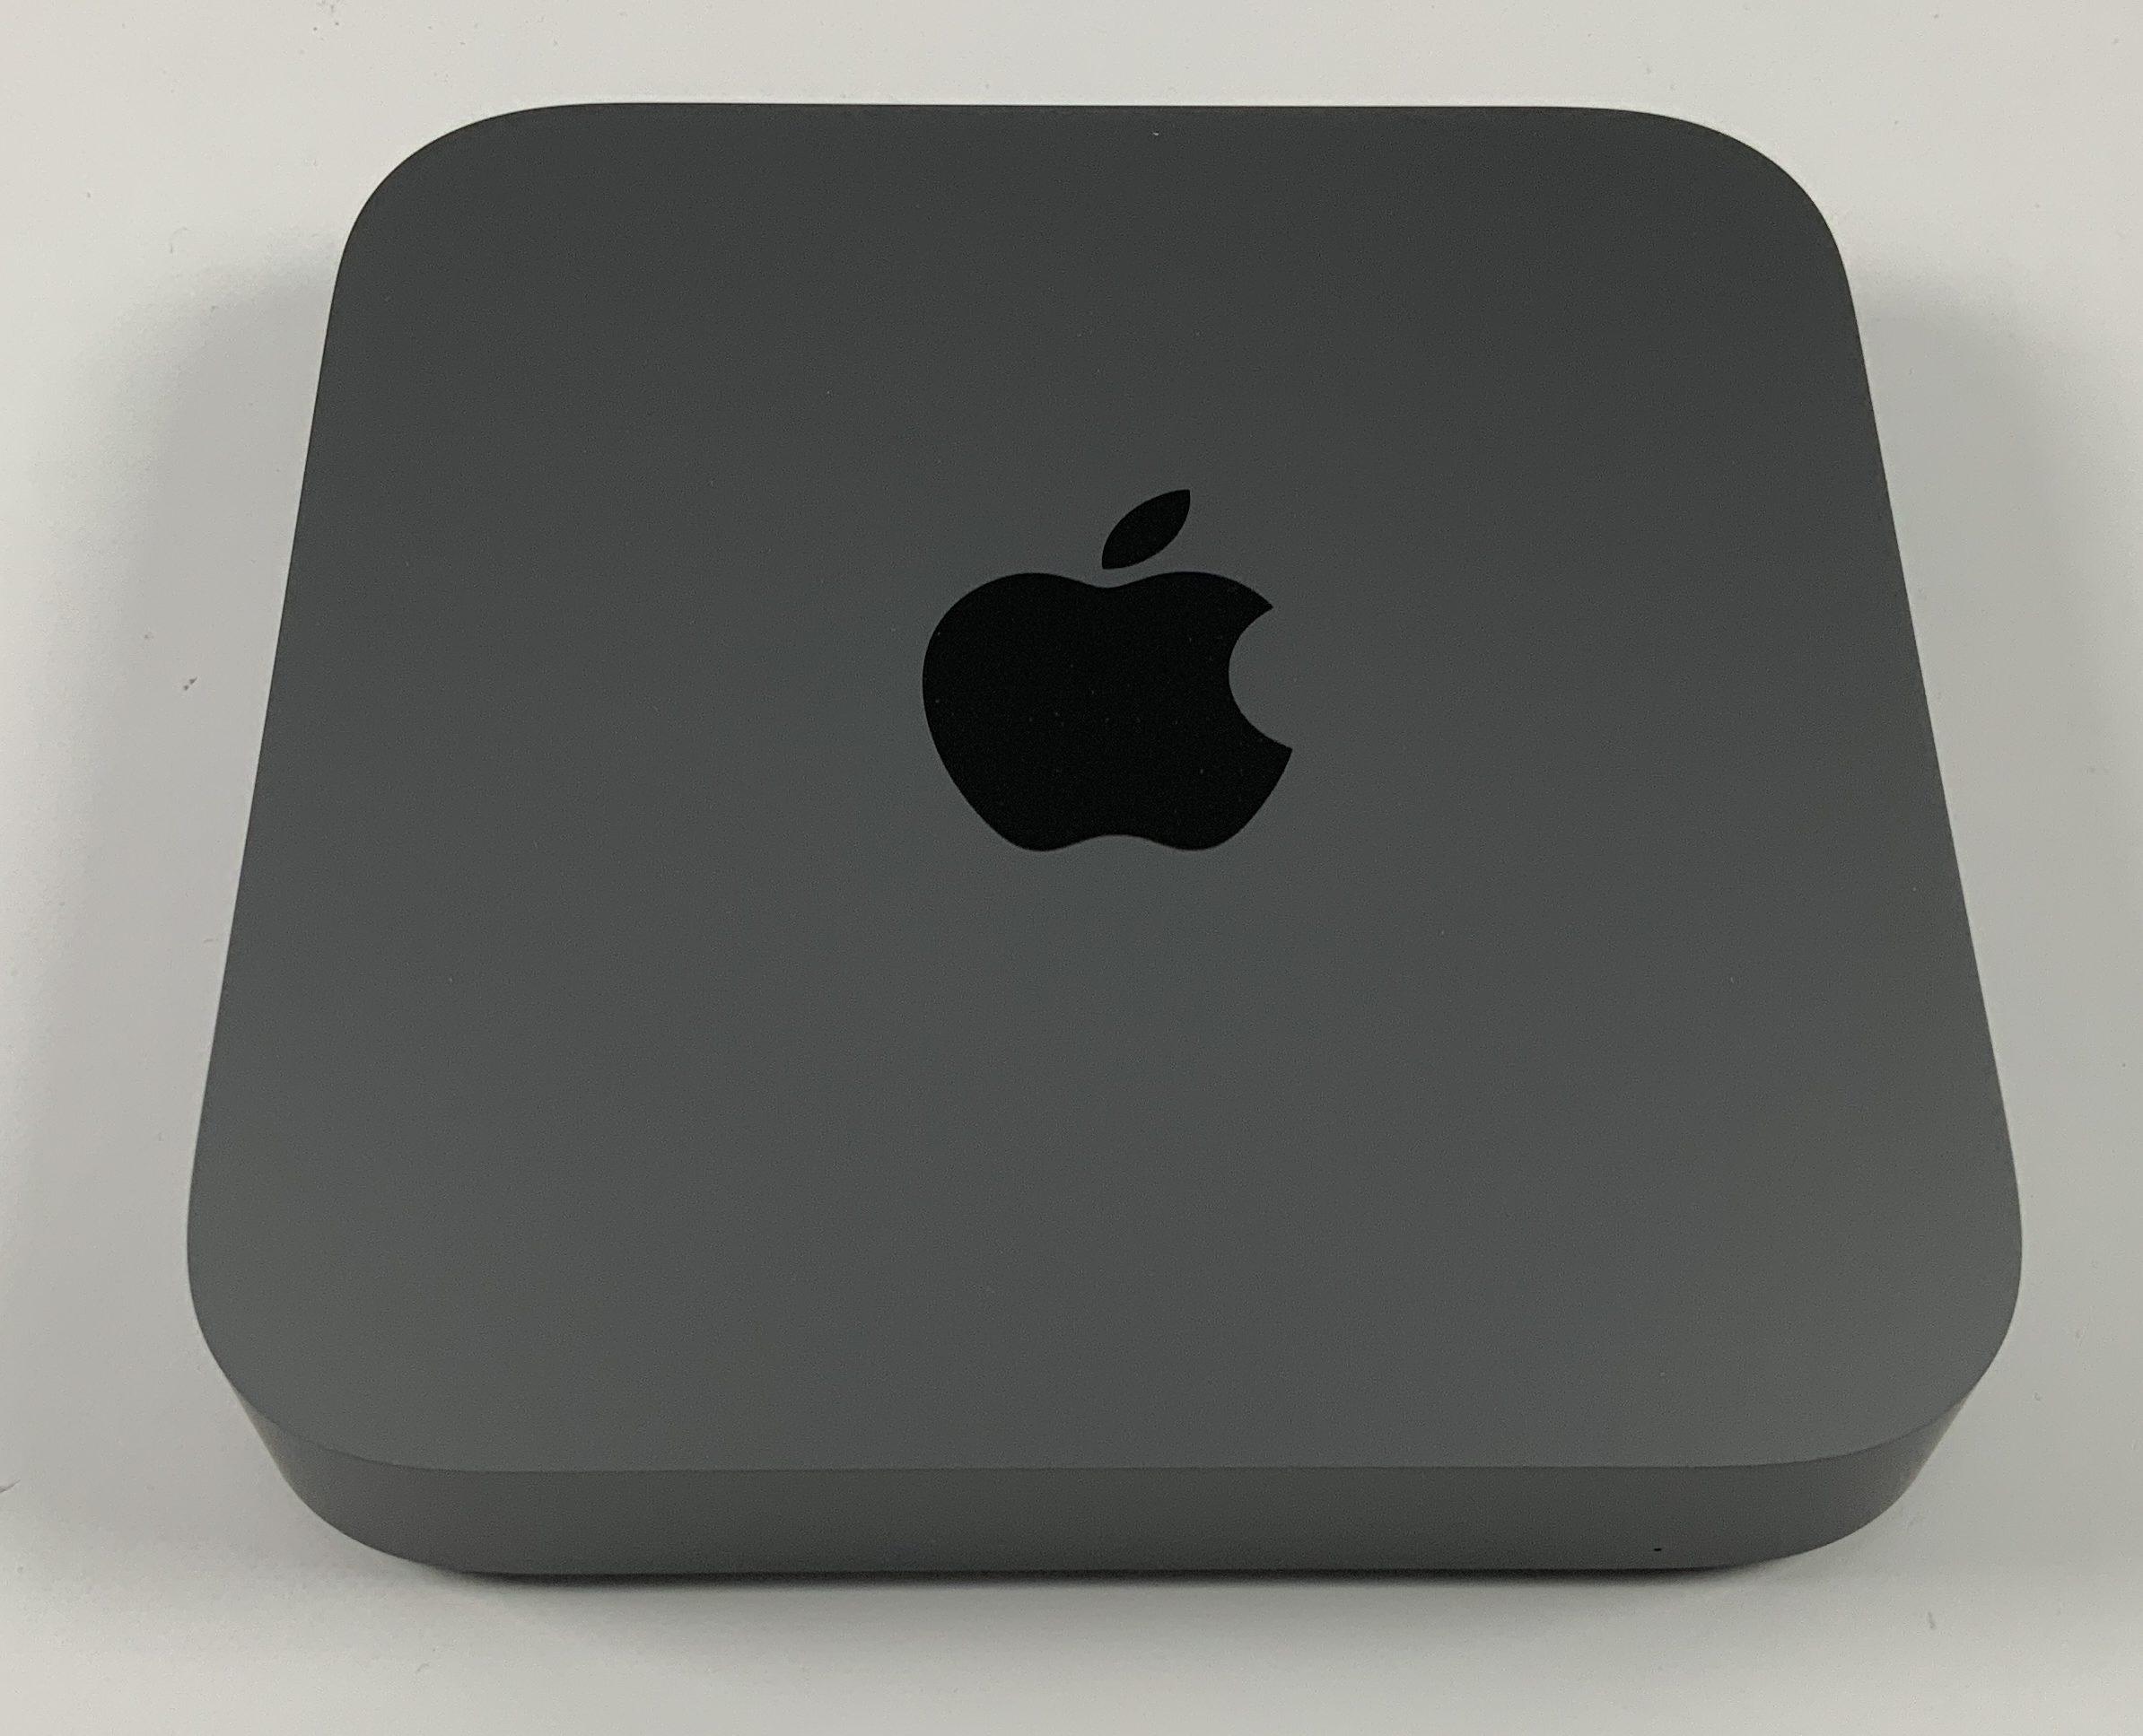 Mac Mini Late 2018 (Intel 6-Core i7 3.2 GHz 32 GB RAM 512 GB SSD), Intel 6-Core i7 3.2 GHz, 32 GB RAM, 512 GB SSD, Afbeelding 1